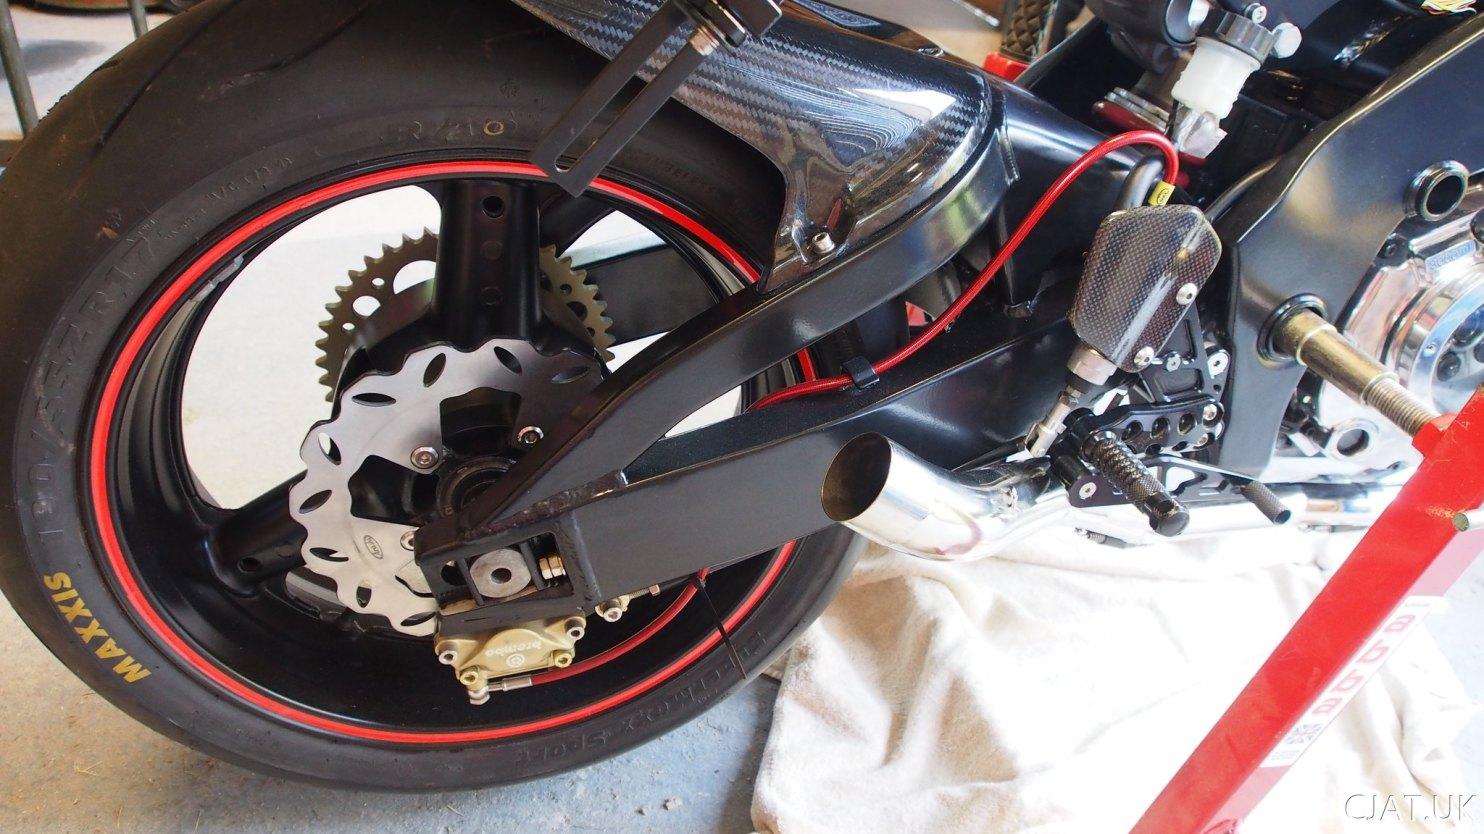 Suzuki RF900 StreetFighter exhaust baffle